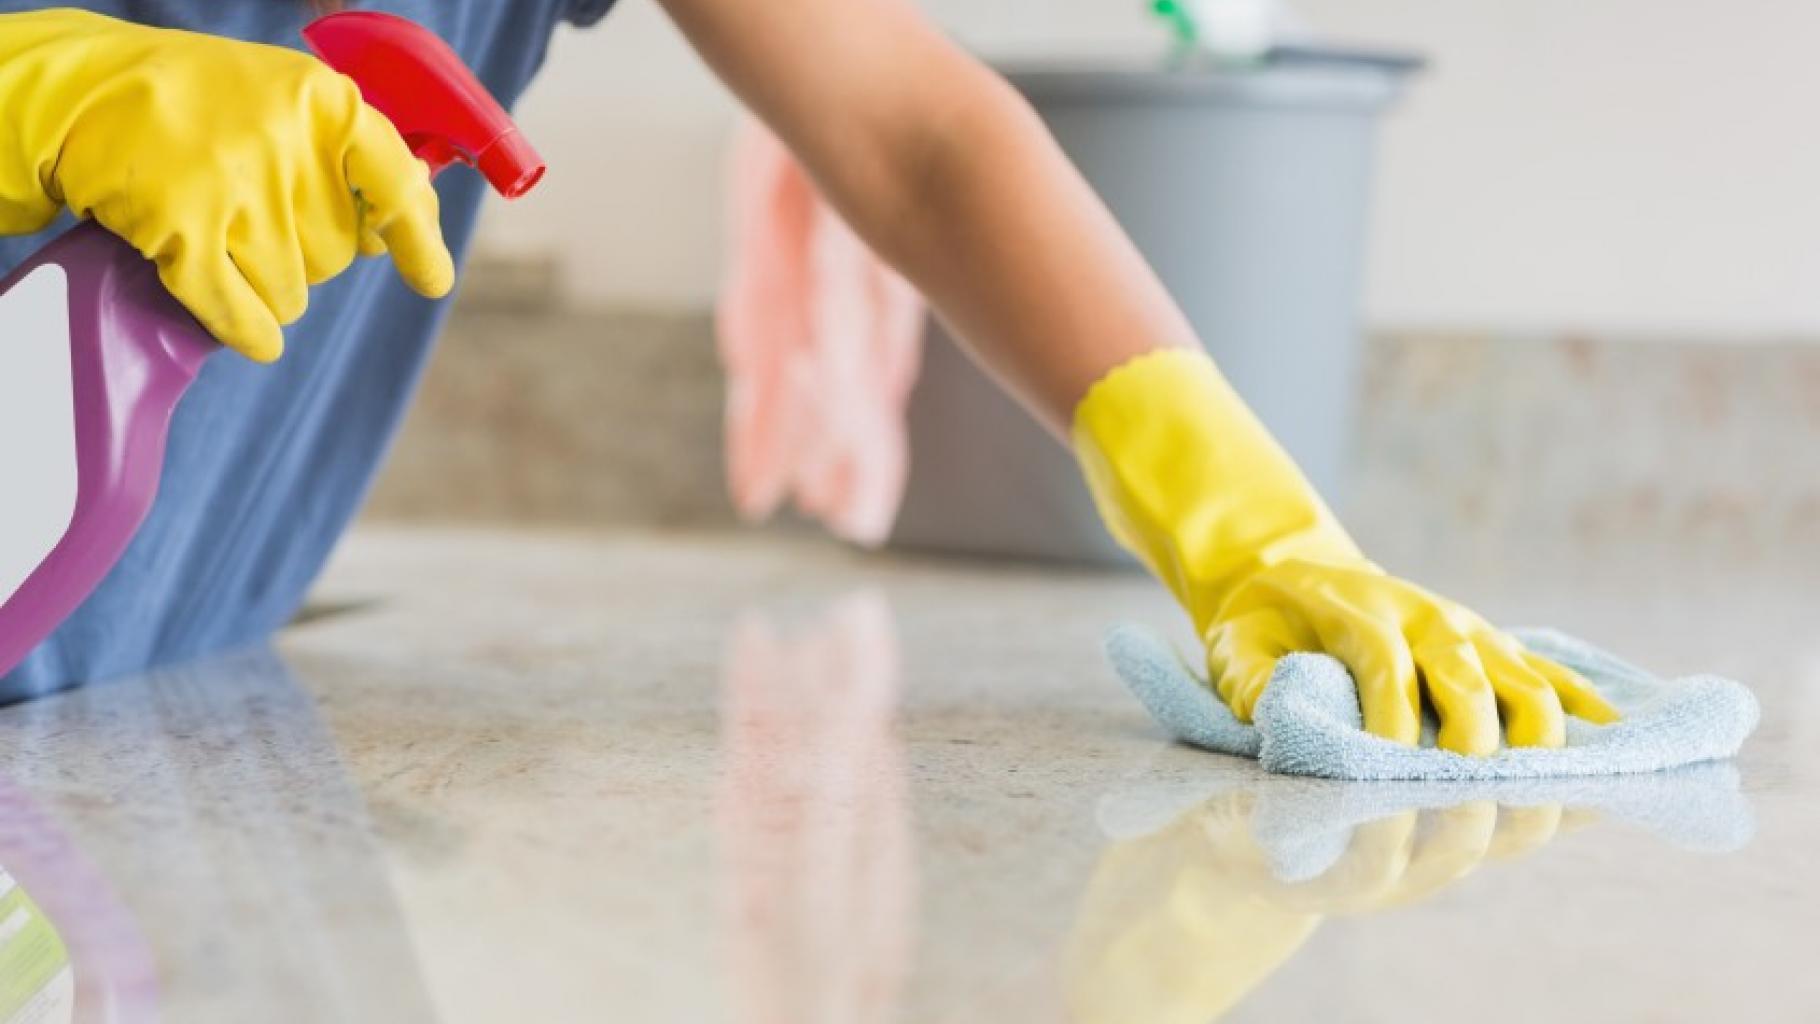 Eine Frau putzt eine Oberfläche